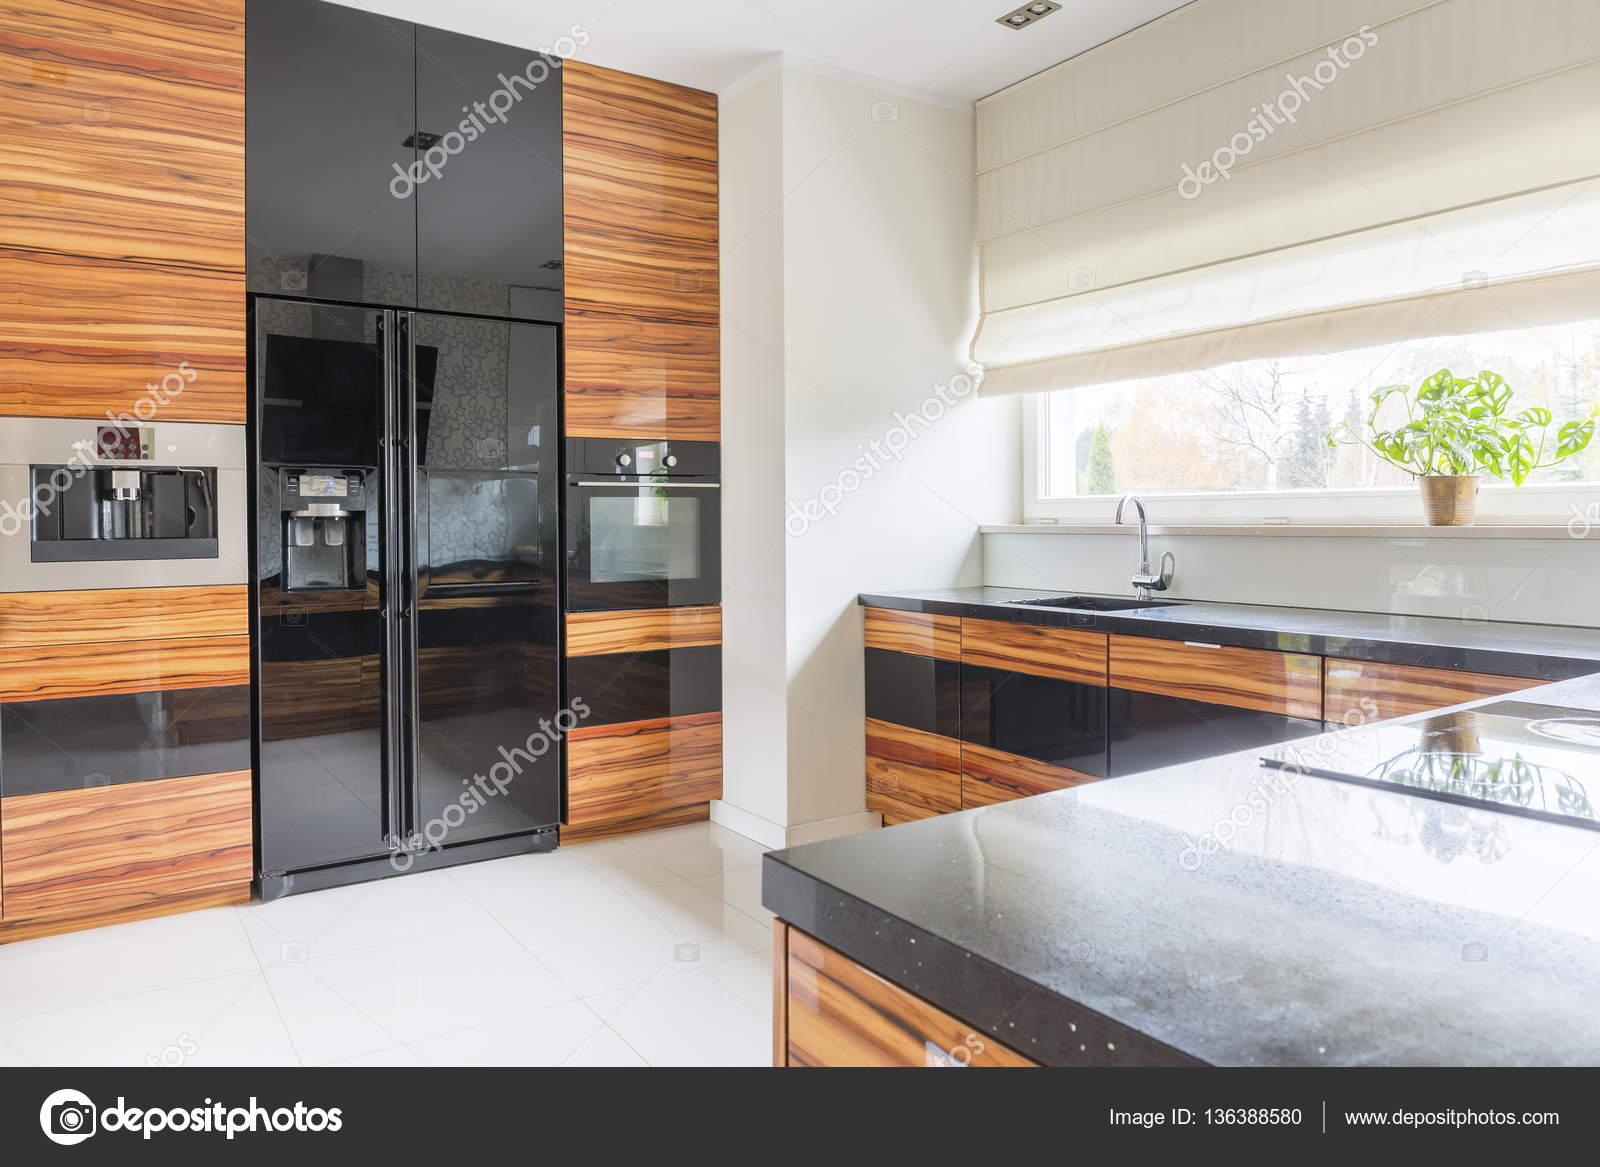 Marmer Zwart Keuken : Keuken met zwart marmeren aanrecht u2014 stockfoto © photographee.eu